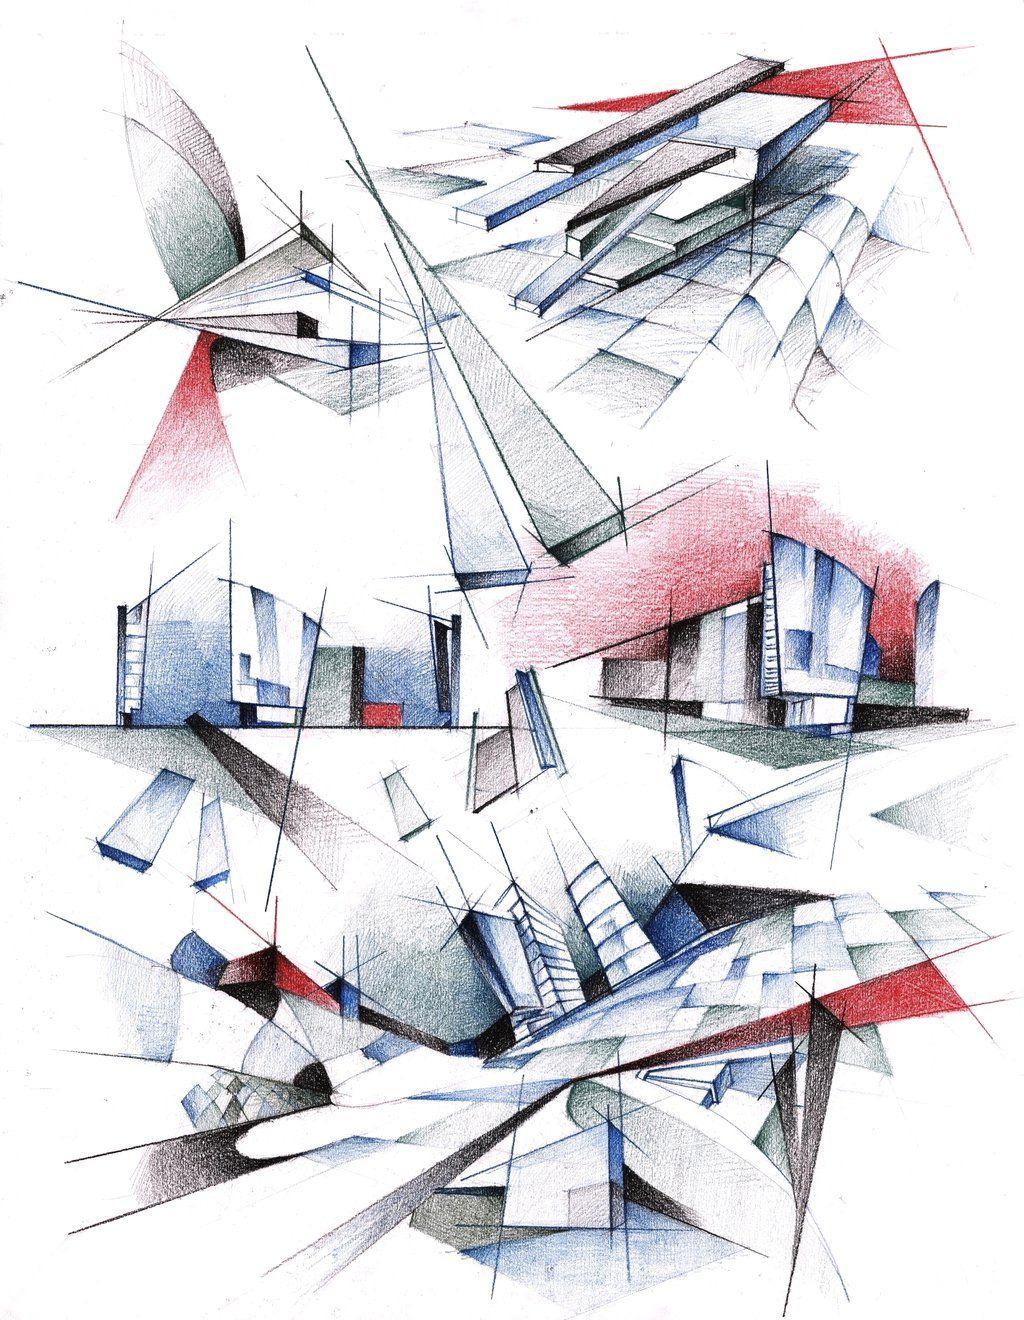 Architecture Poster By Radu26deviantart On DeviantArt